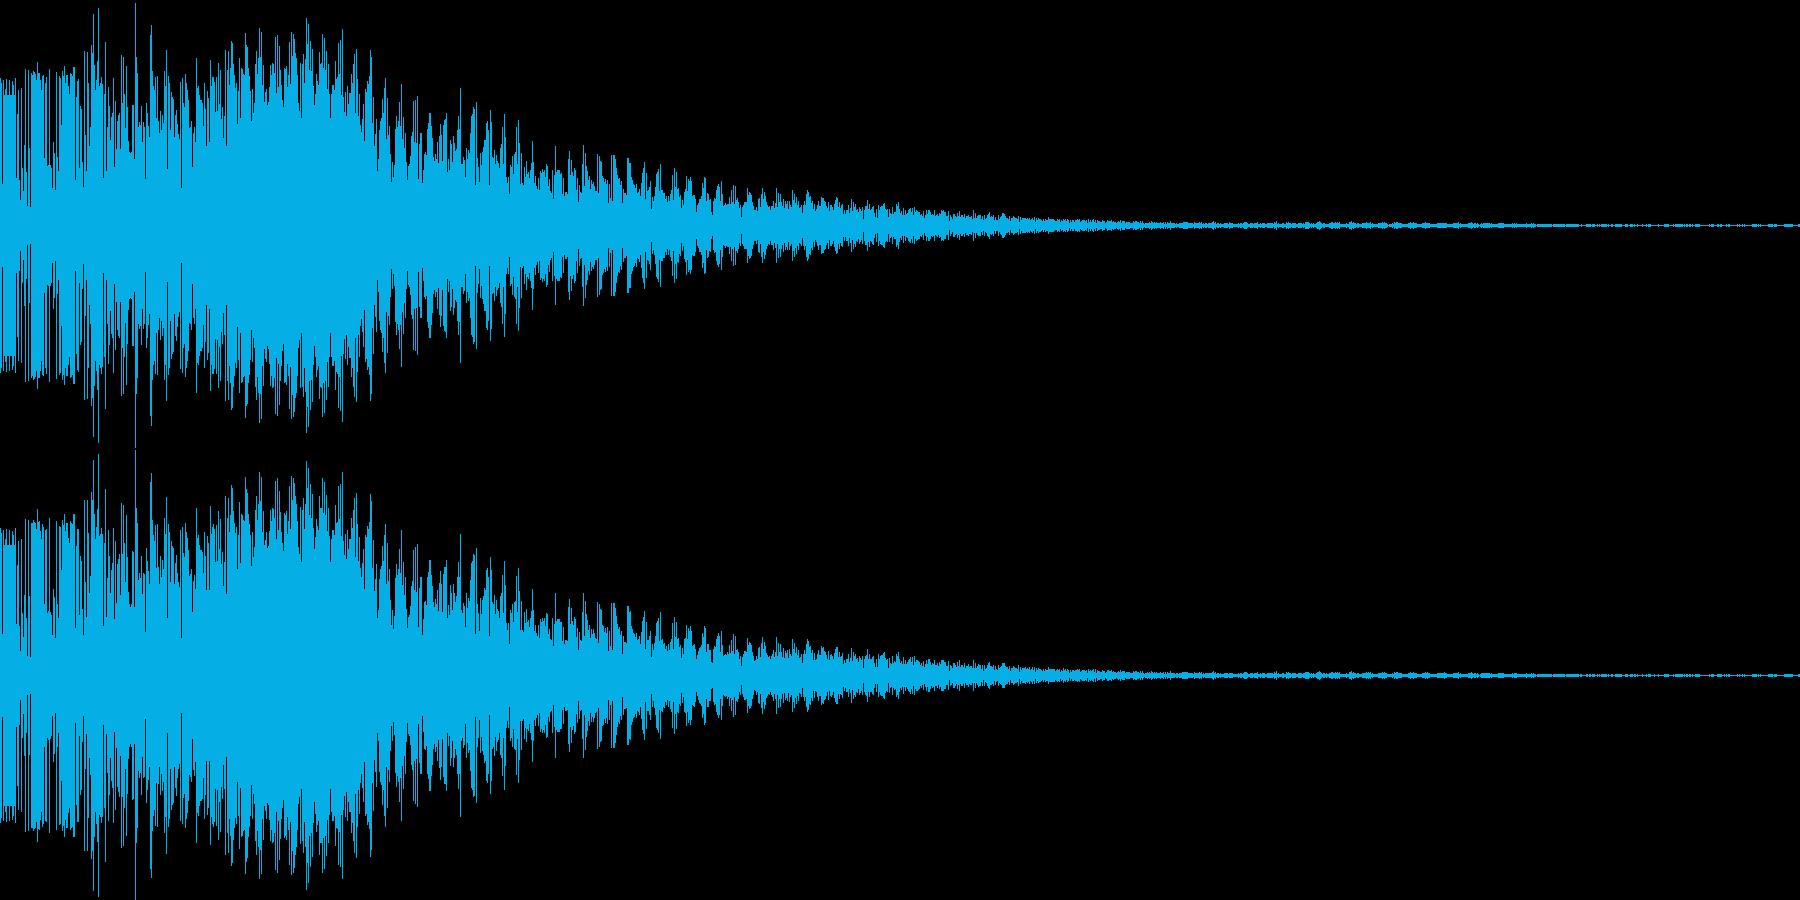 ボタン音、決定音の再生済みの波形